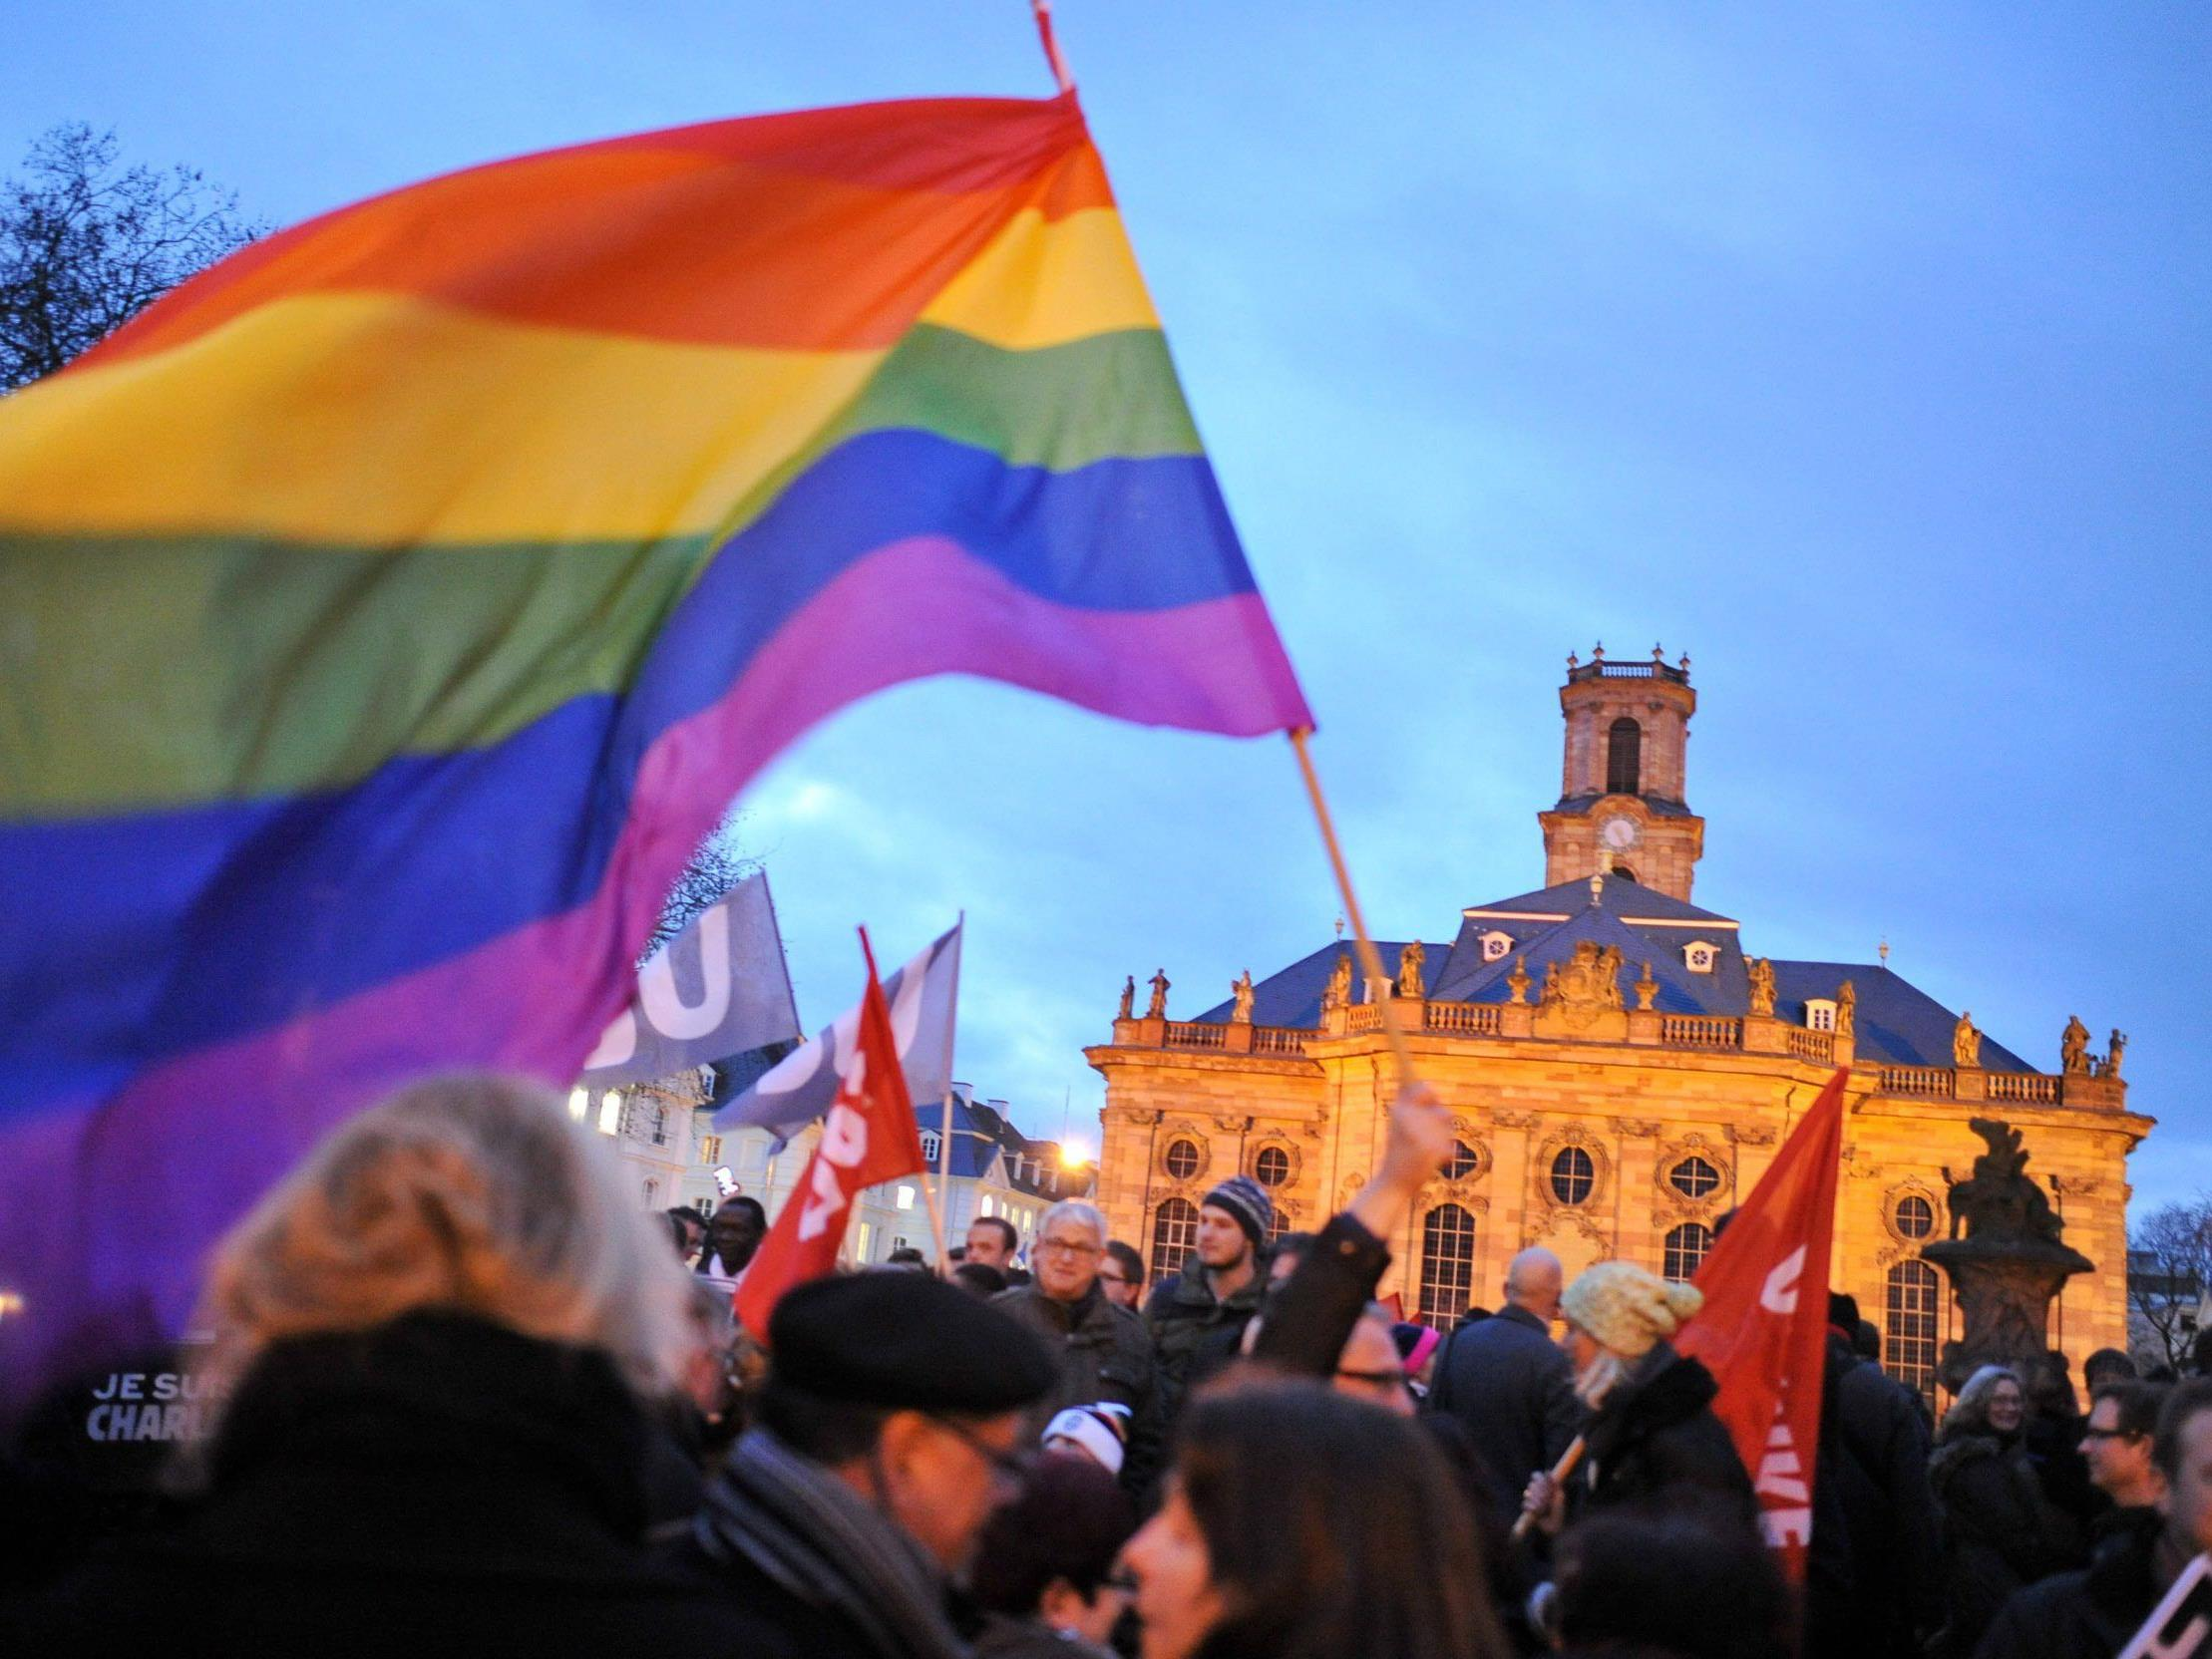 Rund 100.000 Menschen bei Anti-Pegida-Demonstrationen in Deutschland